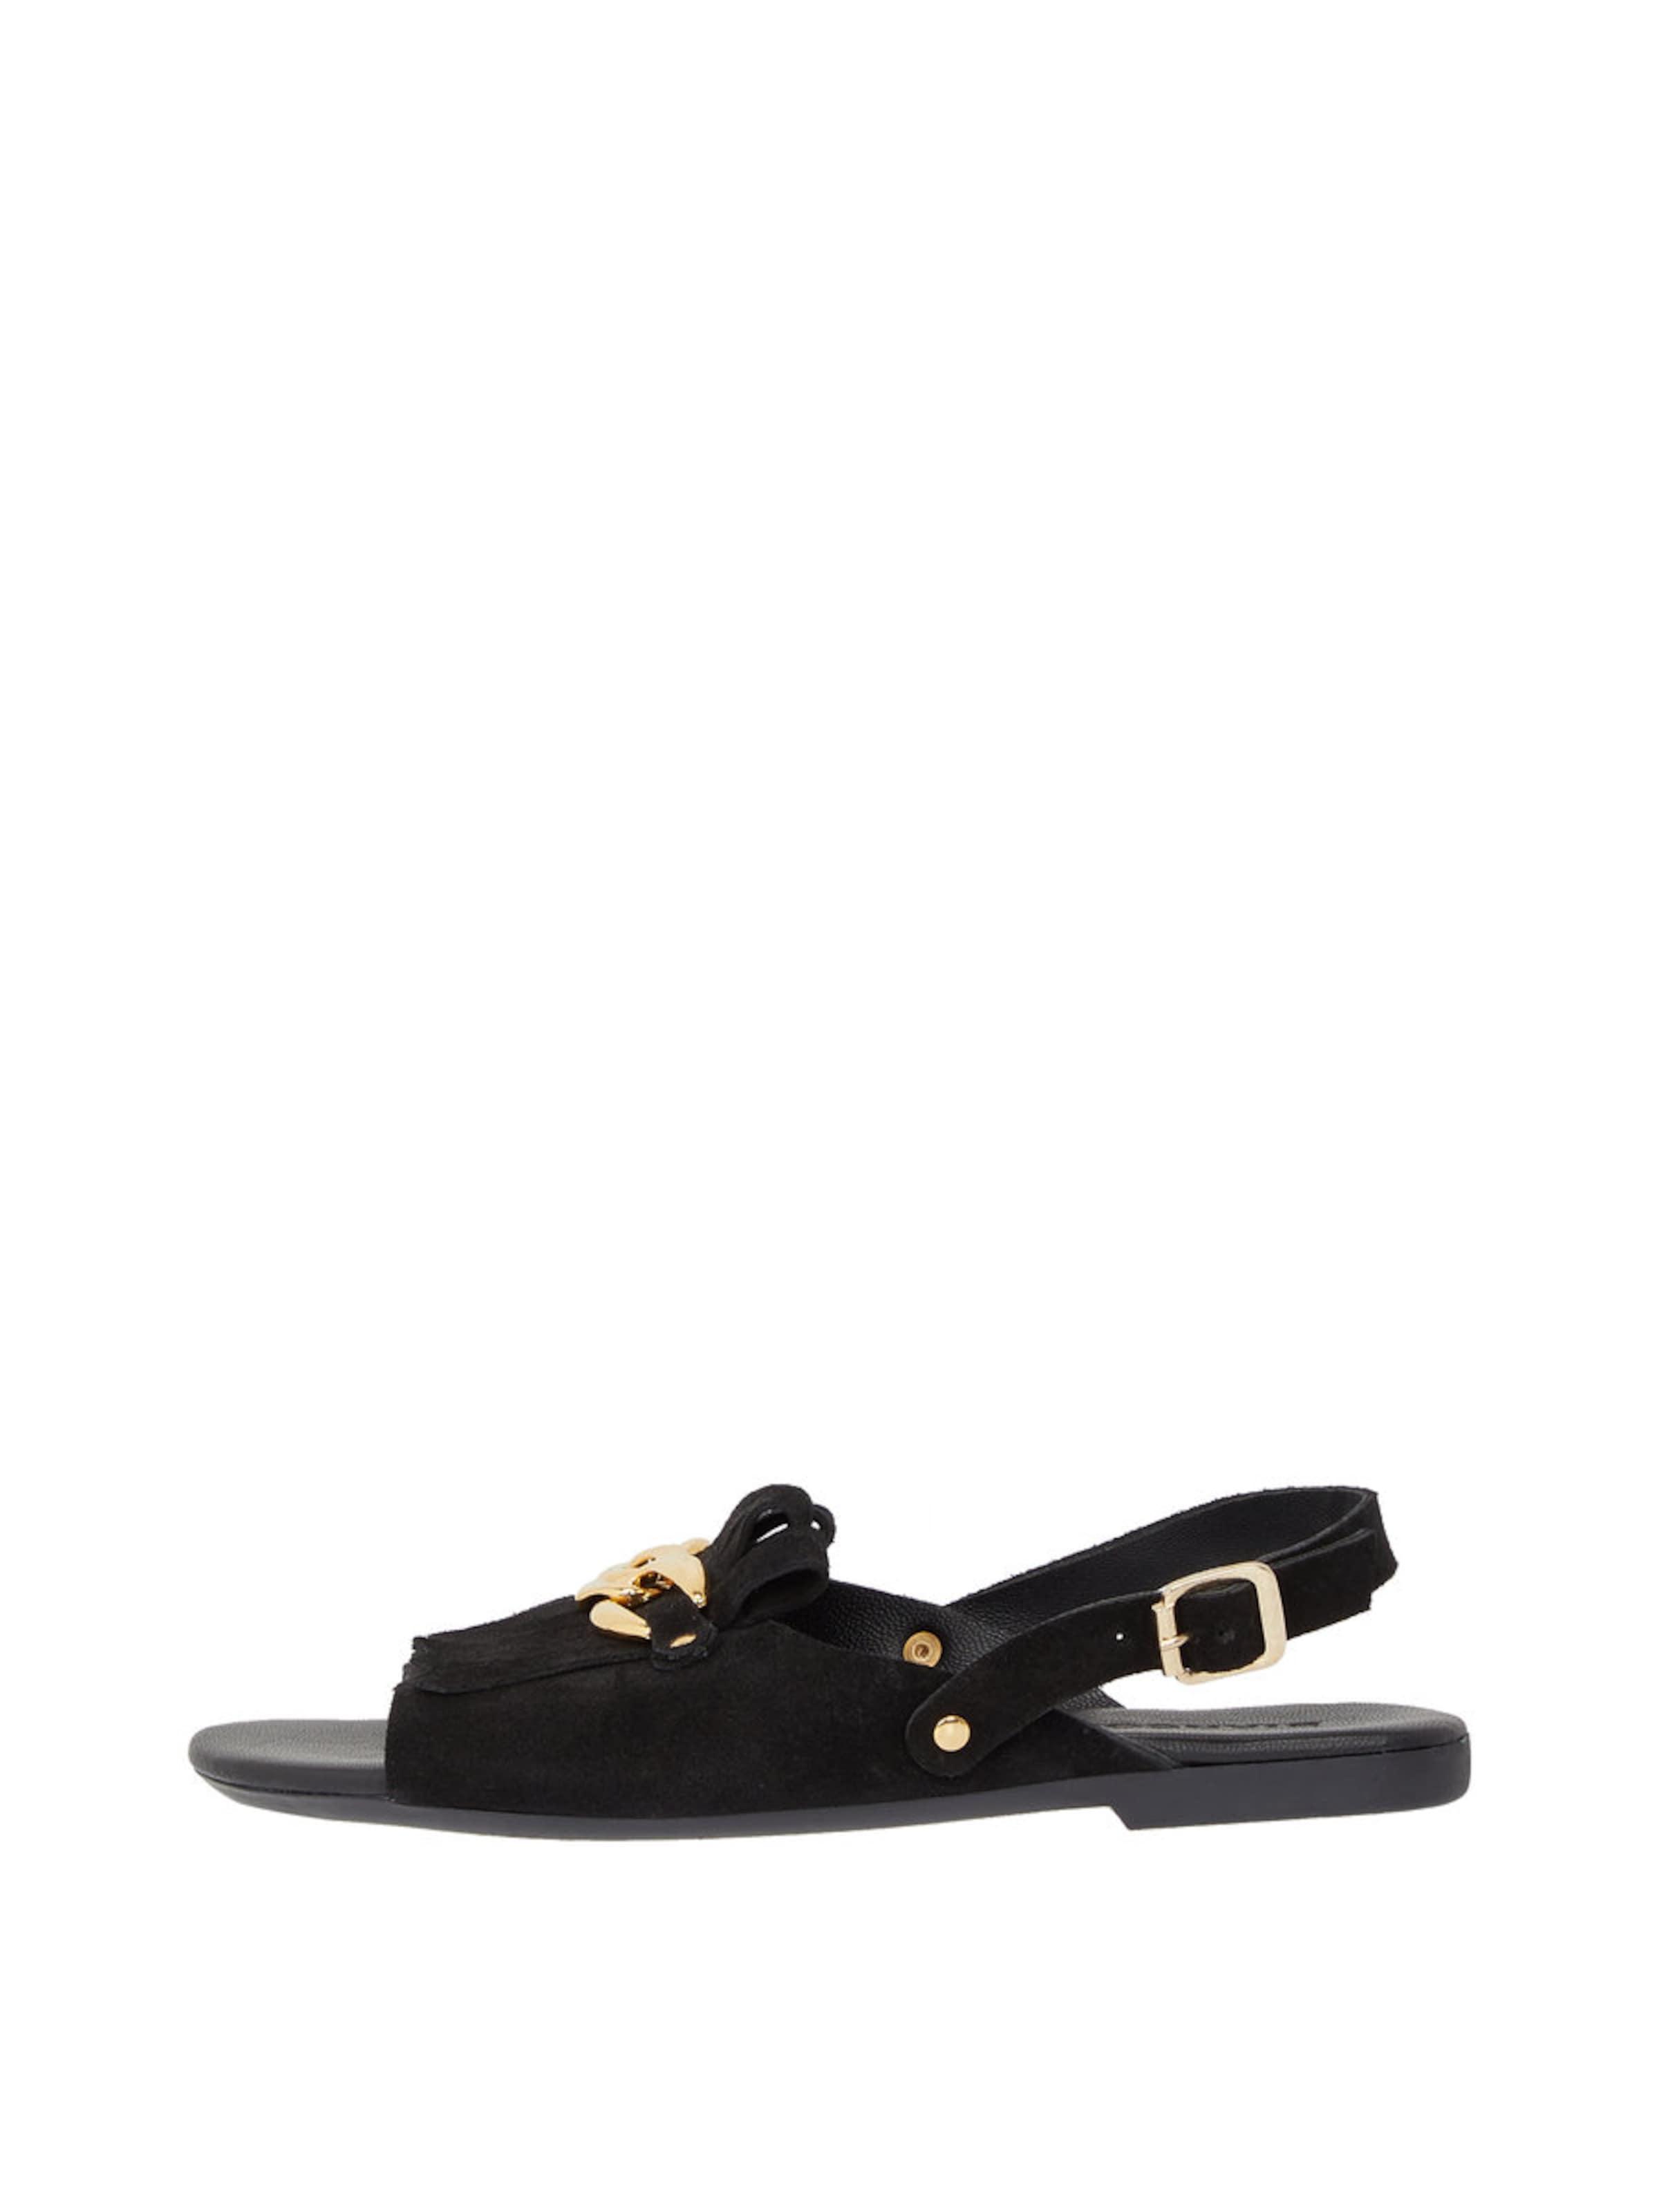 Bianco Fransen Sandalen und Günstige und Sandalen langlebige Schuhe 5cd568